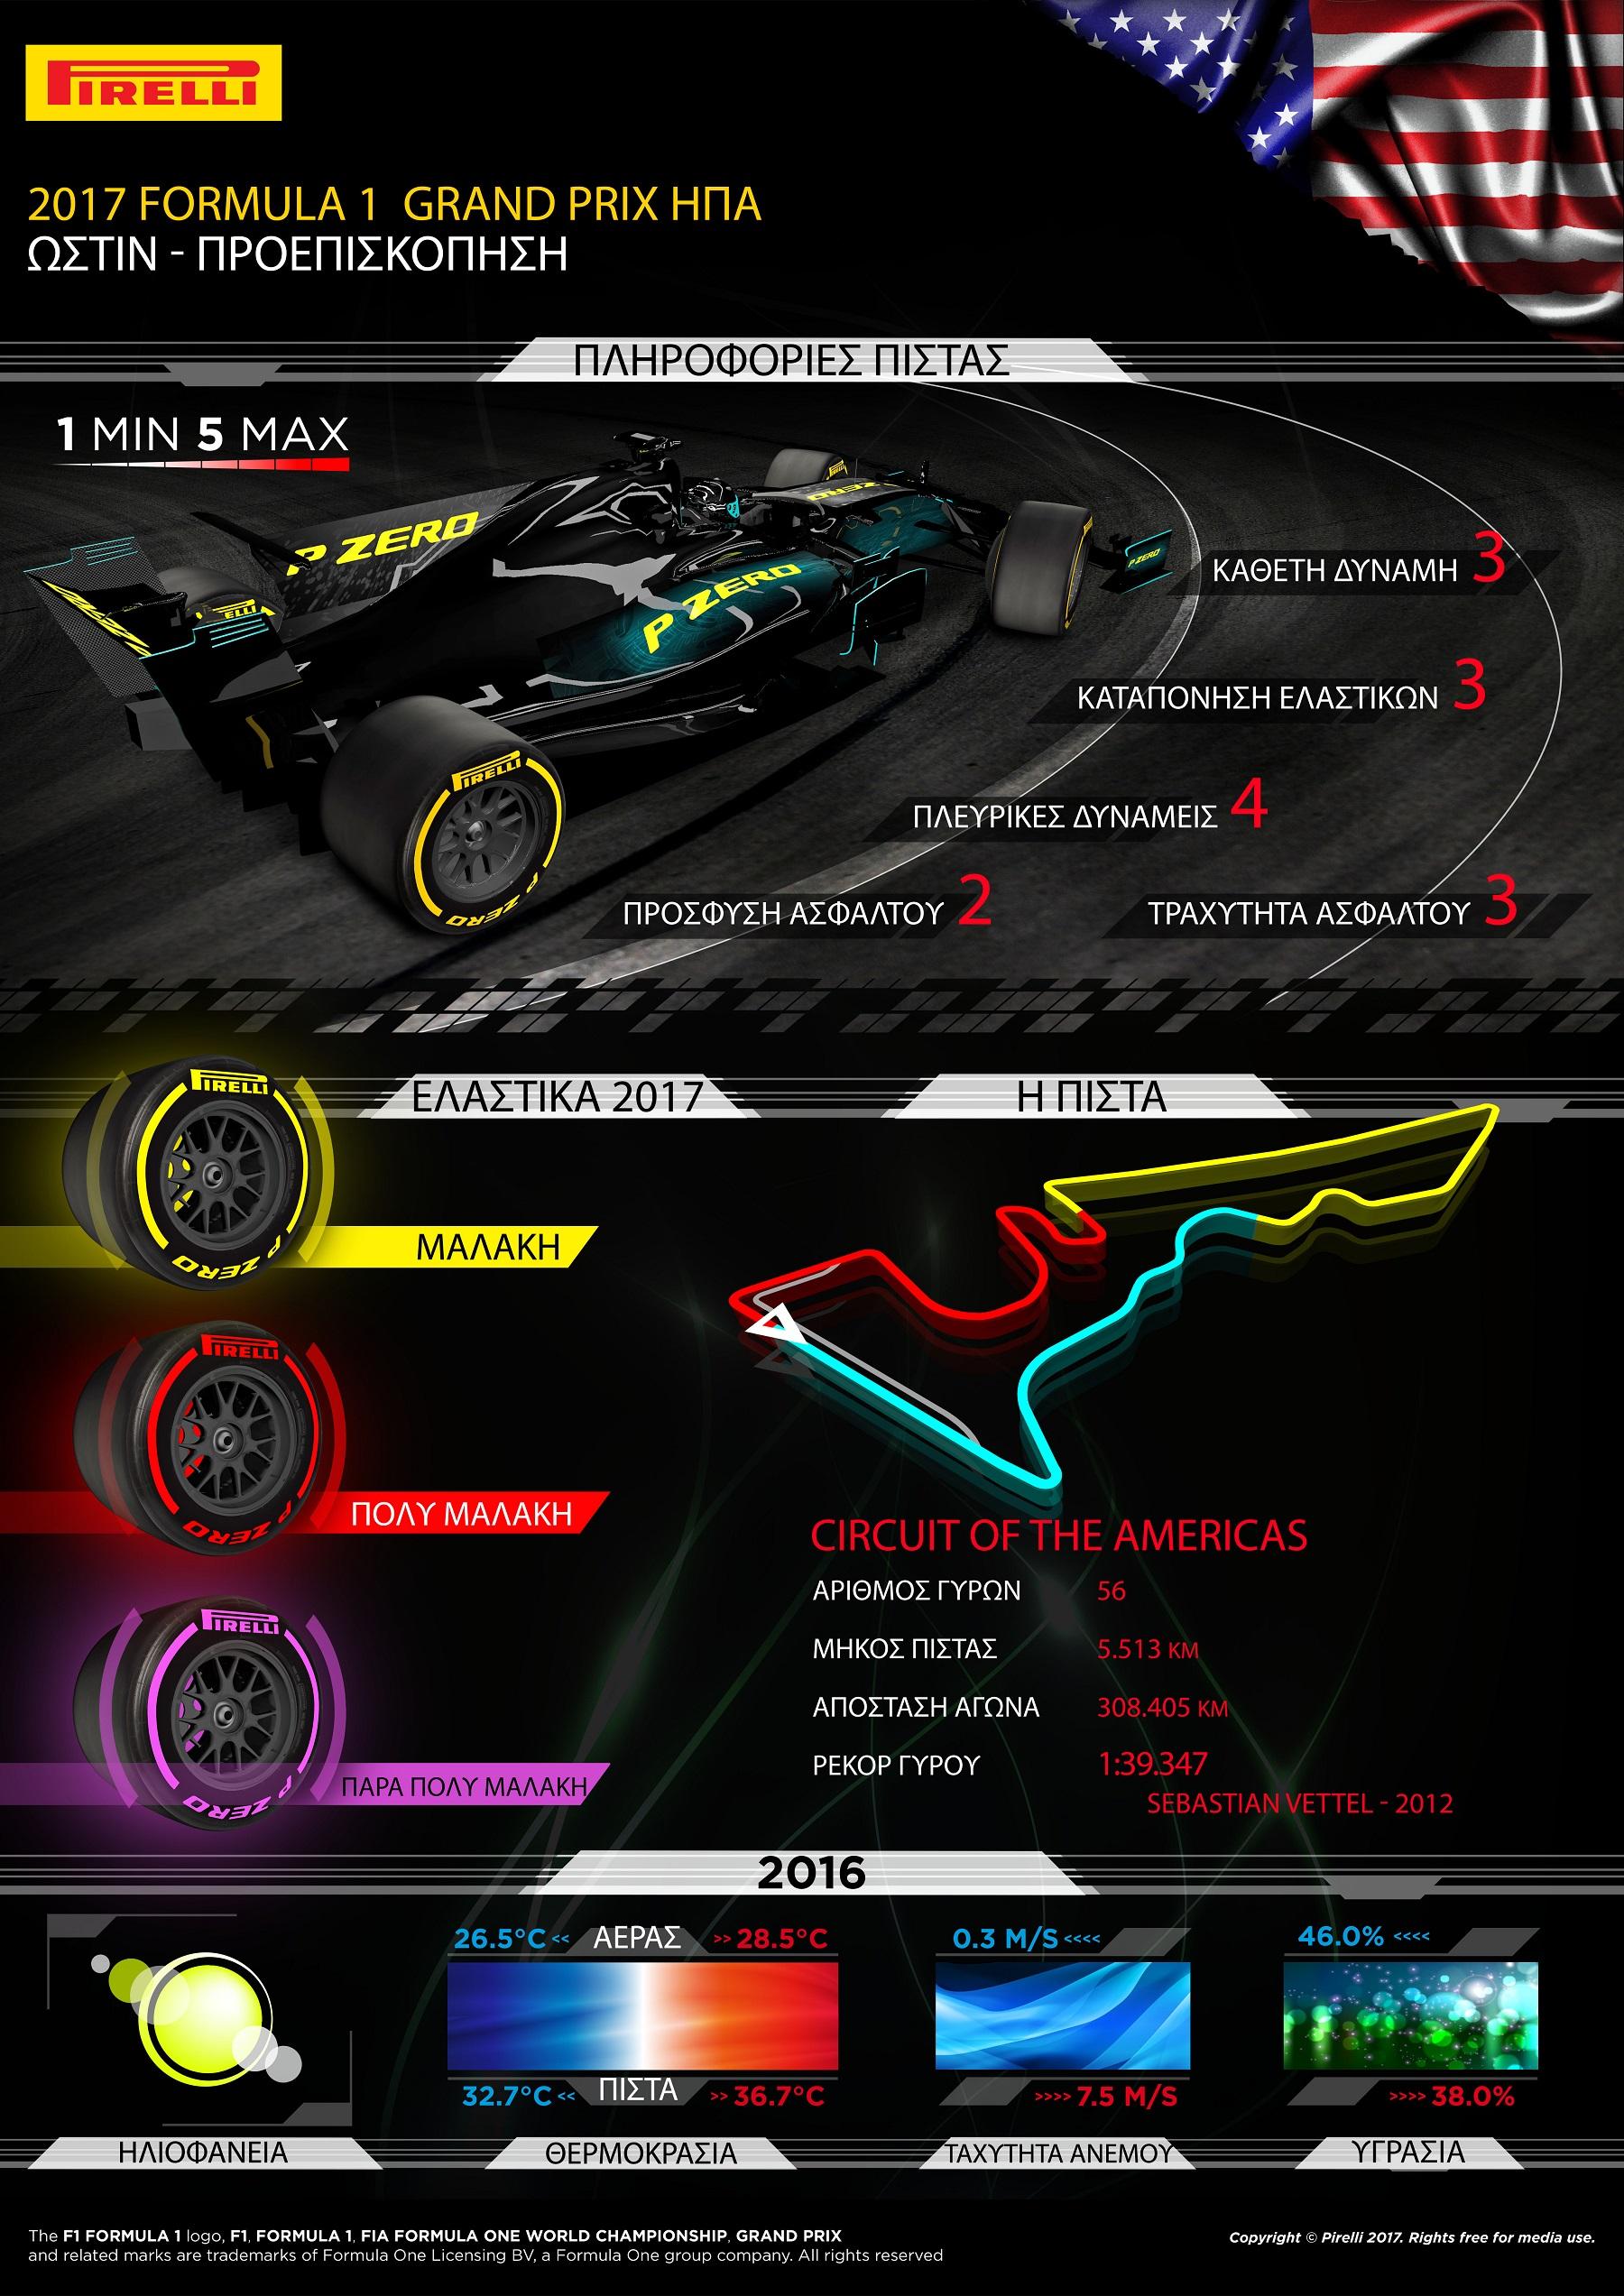 """Η Formula 1 επισκέπτεται το Ώστιν για τον πρώτο εκ των δυο συνεχόμενων αγώνων, επί Αμερικανικού εδάφους. Ακολουθεί ο αγώνας στο Μεξικό μια βδομάδα αργότερα. Έχουν επιλεγεί και για τους δυο αγώνες, οι τρεις πιο μαλακές γόμες της γκάμας: P Zero κίτρινη – μαλακή, P Zero κόκκινη – πολύ μαλακή και P Zero μωβ – πάρα πολύ μαλακή. Για να στηρίξουμε την προσπάθεια του ιδρύματος Susan G.Komen® που θα παίξει κομβικό ρόλο στο Grand Prix των ΗΠΑ – η πάρα πολύ μαλακή γόμα θα φέρει ροζ χρώμα μόνο γι' αυτό το Σαββατοκύριακο. Όπως έχει συμβεί σε πολλούς αγώνες φέτος ο συνδυασμός γομών είναι ένα επίπεδο πιο μαλακός απ' ότι ο αντίστοιχος του 2016. Αυτό σε συνδυασμό με τους νέους κανονισμούς του 2017 και τα φαρδύτερα ελαστικά είναι πιθανό να οδηγήσει σ' ένα ακόμη ρεκόρ πίστας, όπως έχει γίνει στους προηγούμενους αγώνες. Η πίστα της Αμερικής (Circuit of the Americas) δανείζεται στοιχεία από άλλα διάσημα event όσον αφορά στη σχεδίασή της. Αυτό την καθιστά ιδιαίτερα δημοφιλή ανάμεσα στους οδηγούς. Επίσης σε αντίθεση με την πλειοψηφία των πιστών, η φορά της είναι αντίθετη με αυτή, των δεικτών του ρολογιού. ΟΙ ΤΡΕΙΣ ΕΠΙΛΕΓΜΕΝΕΣ ΓΟΜΕΣ Η ΠΙΣΤΑ ΥΠΟ ΤΟ ΠΡΙΣΜΑ ΤΩΝ ΕΛΑΣΤΙΚΩΝ • Η στροφή 1 δημιουργεί μια μοναδική πρόκληση: είναι ένα S ανηφορικό στην αρχή και κατηφορικό μετά. Είναι δύσκολο να υπολογίσεις με ακρίβεια που πρέπει να φρενάρεις. • Υπάρχουν πολλές ευκαιρίες για προσπέρασμα.. Αυτό σημαίνει πως οι επιλογές στρατηγικής, για να κερδίσει κανείς θέση στην κατάταξη, είναι πολλές. • Υπάρχουν 3 μεγάλες ευθείες εκεί τα ελαστικά αποβάλλουν θερμότητα σε κάθε γύρο. • Ο καιρός είναι άστατος στο Τέξας, μπορεί να έχουμε από λιακάδα έως βαριά βροχή. • Πέρυσι ο νικητής Lewis Hamilton πραγματοποίησε δυο αλλαγές. Ο Sebastian Vettel τερμάτισε 4ος με 3 αλλαγές. MARIO ISOLA – ΕΠΙΚΕΦΑΛΗΣ ΑΓΩΝΩΝ ΑΥΤΟΚΙΝΗΤΟΥ """"Για την Αμερική επιλέξαμε όπως και στους προηγούμενους αγώνες πιο μαλακή γκάμα γομών σε σχέση με πέρυσι. Η πάρα πολύ μαλακή γόμα 'ultrasoft΄ διατίθεται για πρώτη φορά στο Ώστιν. Επίσης για μια και μοναδική φο"""